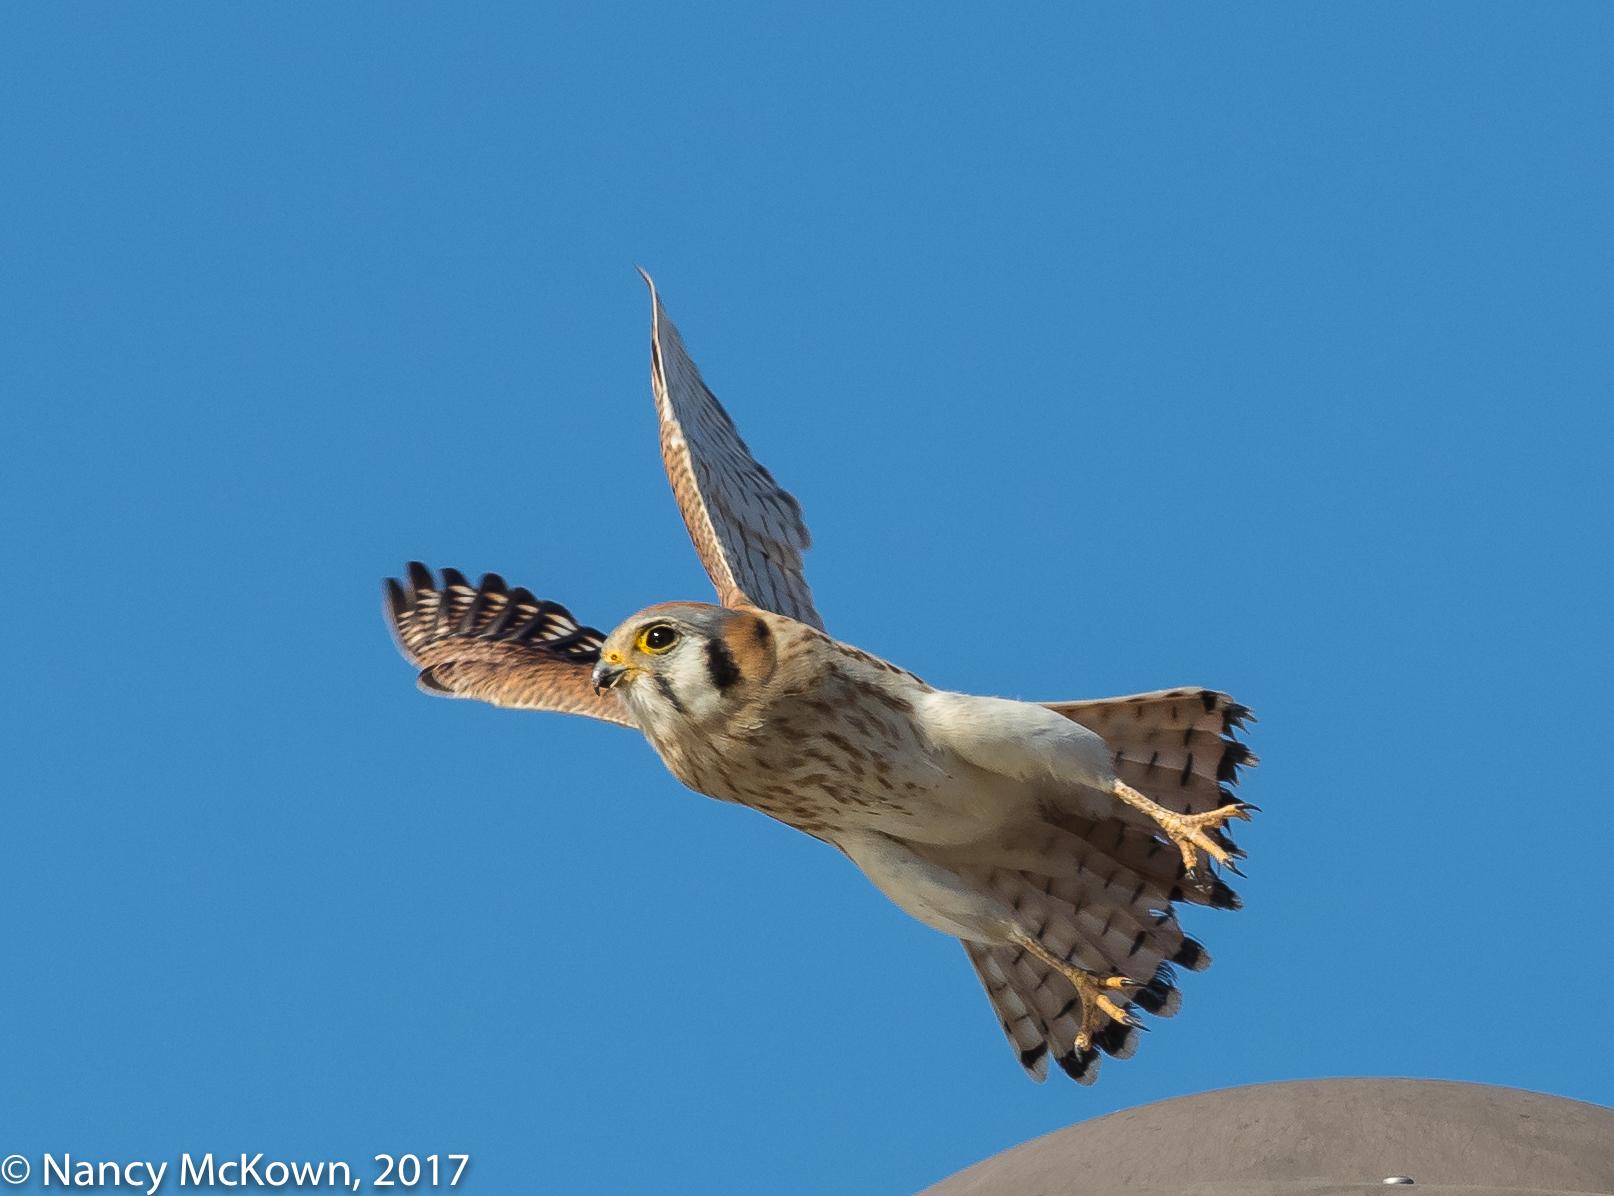 Kestrel at takeoff